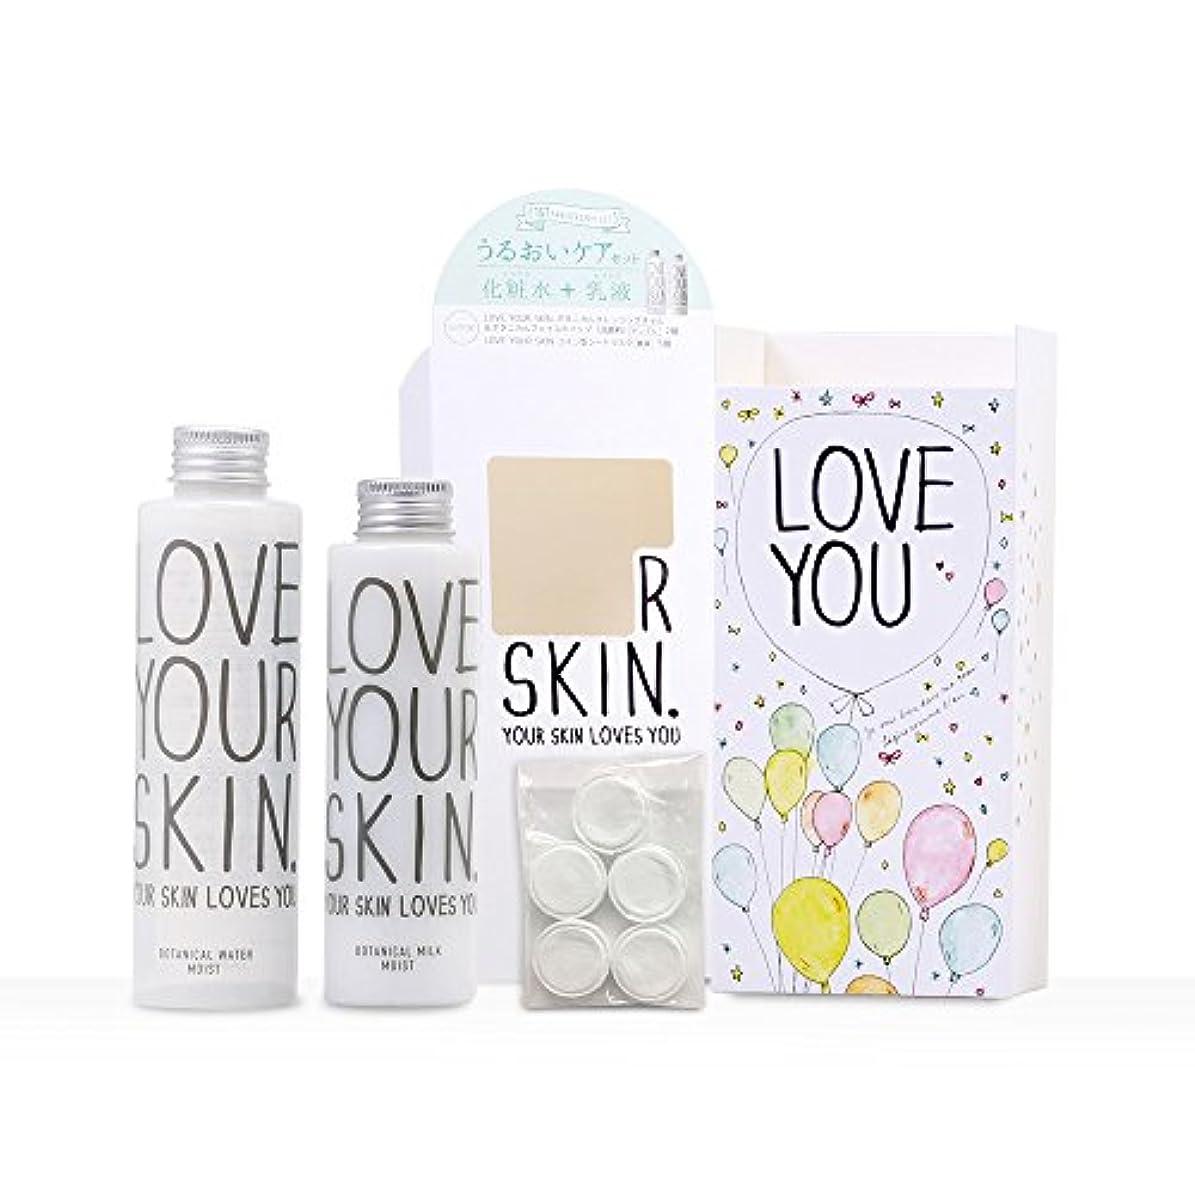 なだめるスカーフ議題LOVE YOUR SKIN アニバーサリーセット A (化粧水Ⅰ 160ml & 乳液Ⅰ 130ml)